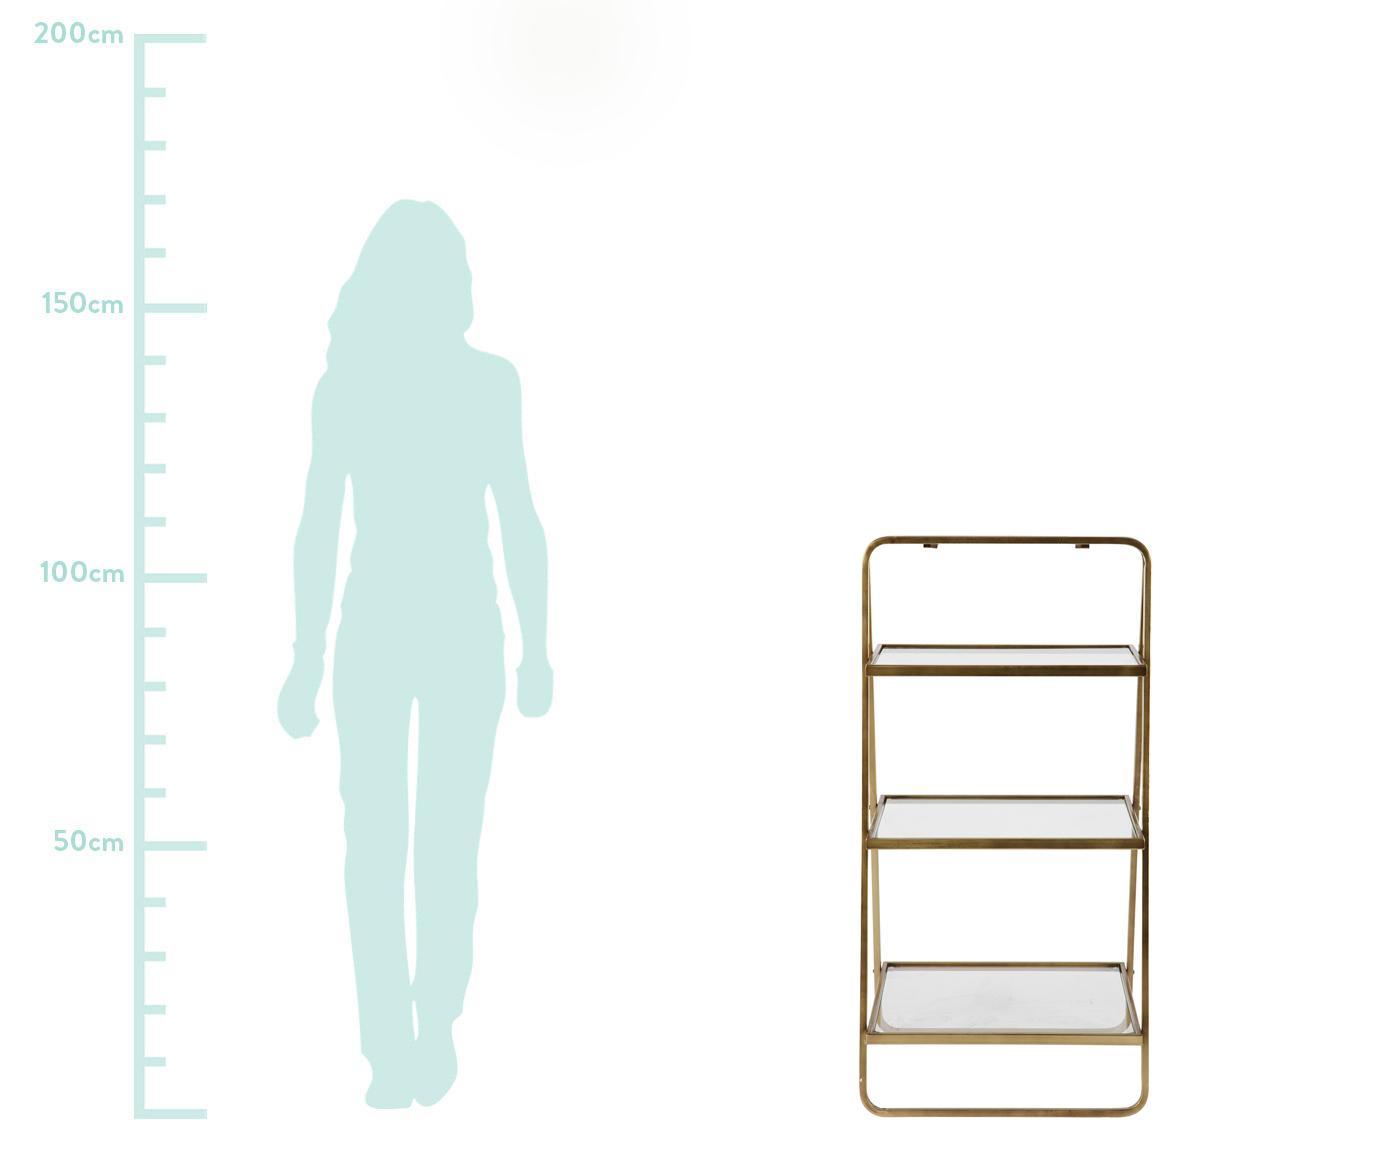 Regał drabinkowy z antycznym wykończeniem Goddess, Stelaż: metal, mosiądz, Mosiądz, antyczne wykończenie, S 58 x W 106 cm